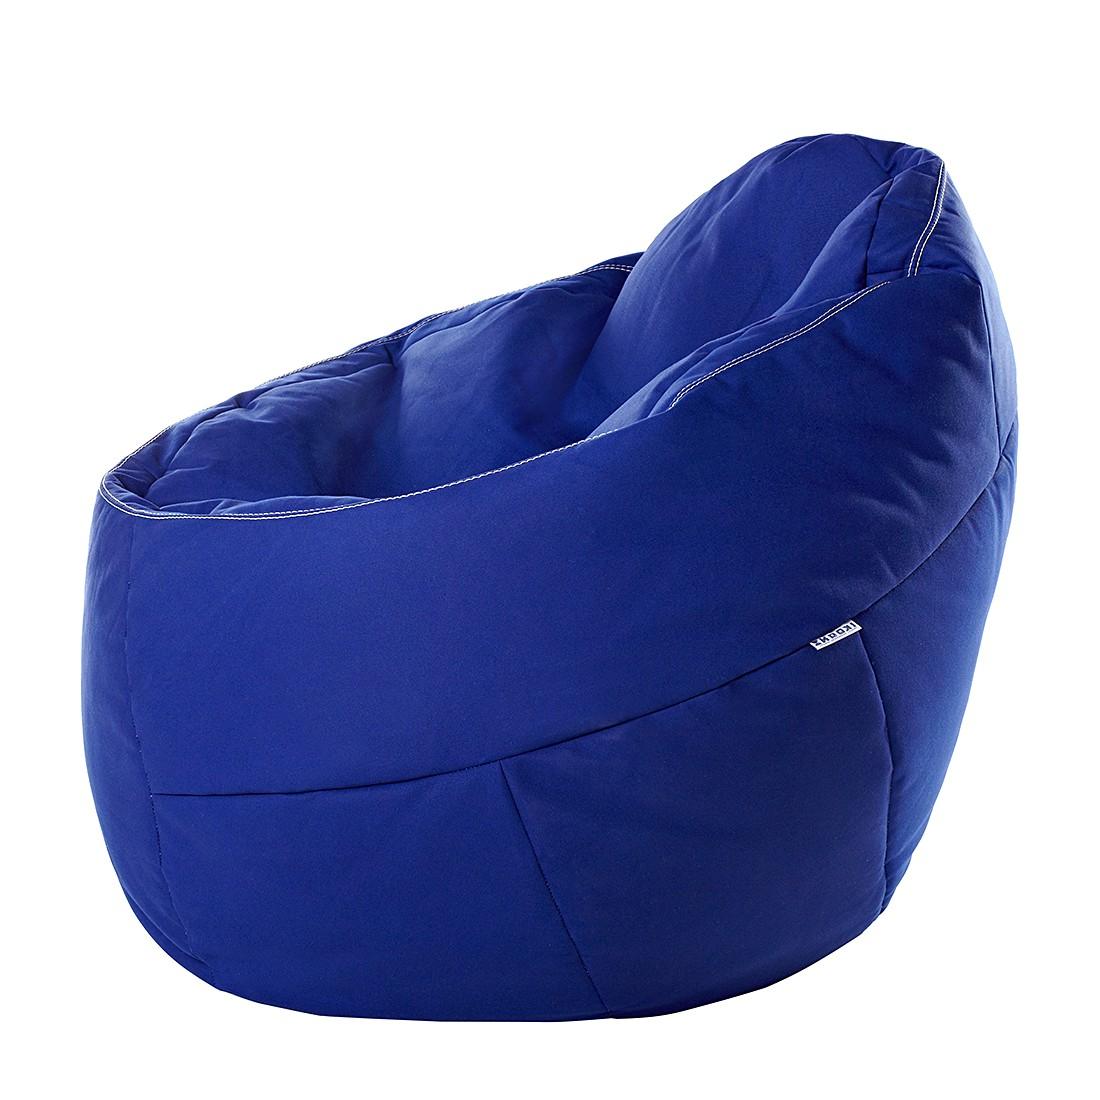 Sitzsack E.G. – Blau, Ikoonz jetzt kaufen